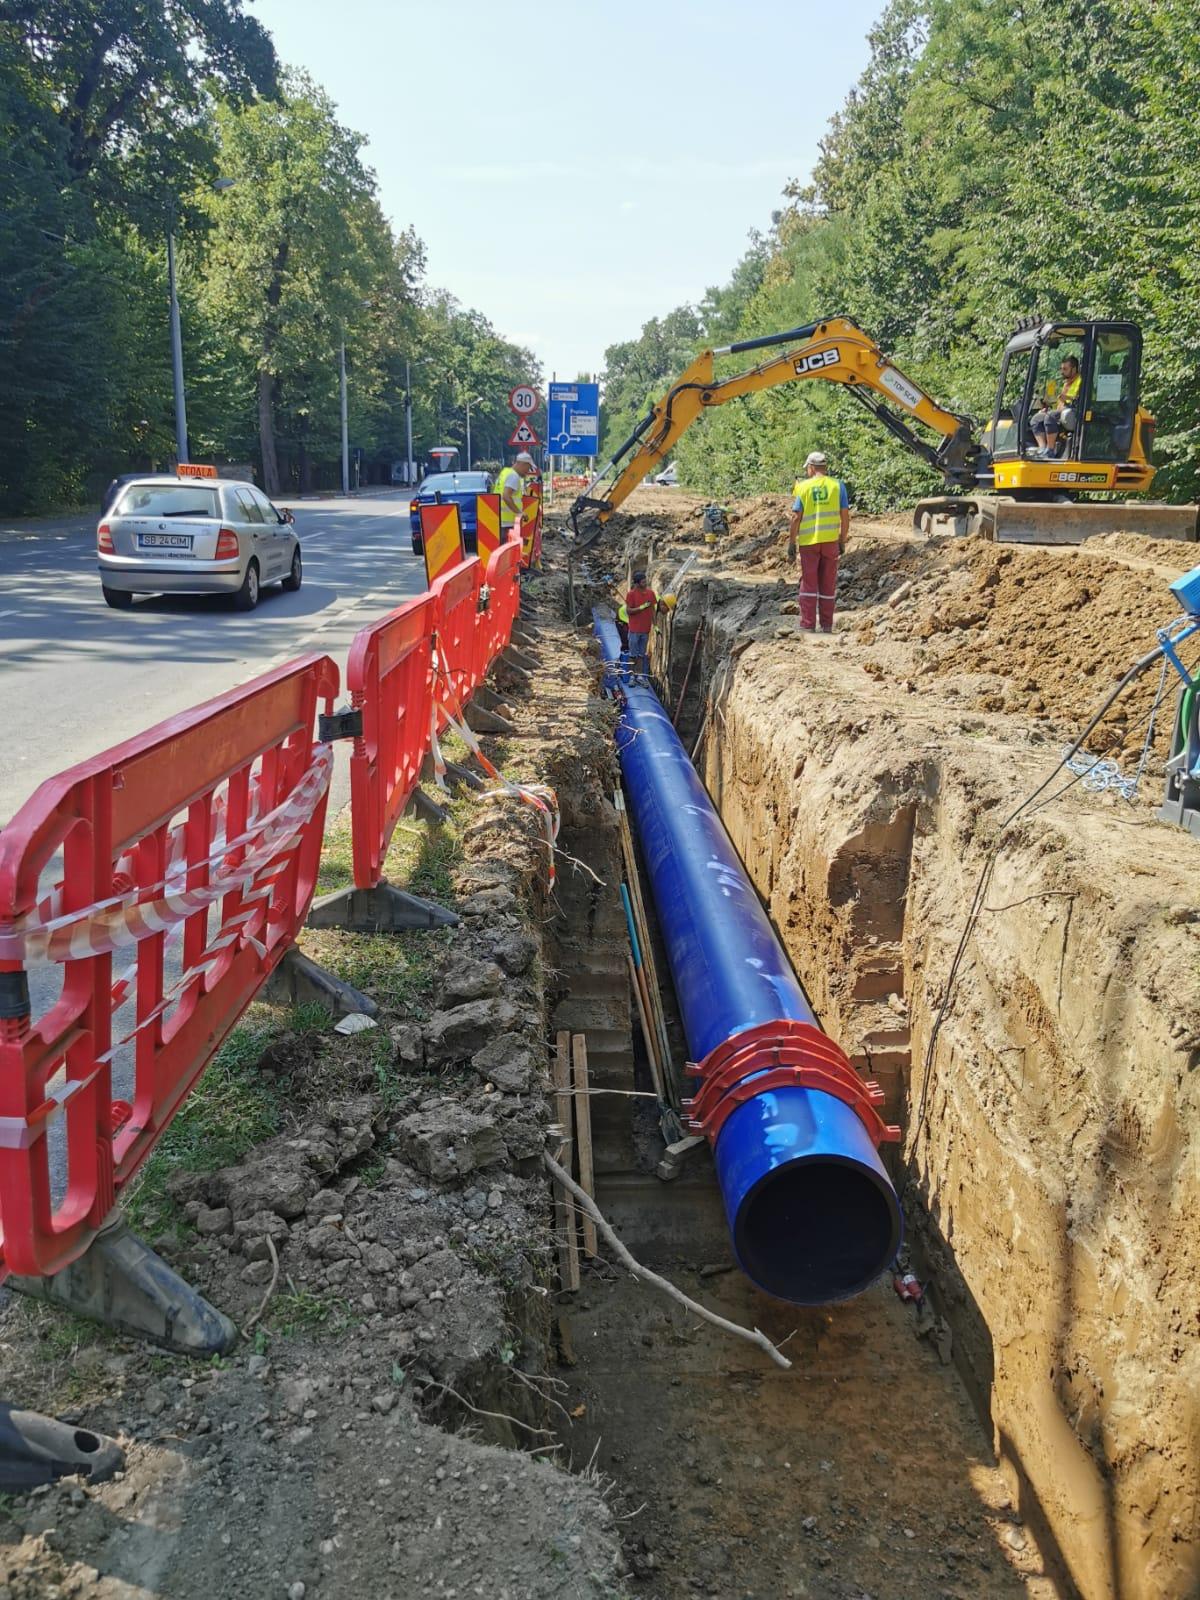 Premieră: Apă Canal Sibiu începe o lucrare amplă la conducta magistrală ce alimentează marile cartiere din Sibiu, folosind tehnologii și materiale noi, în premieră județeană